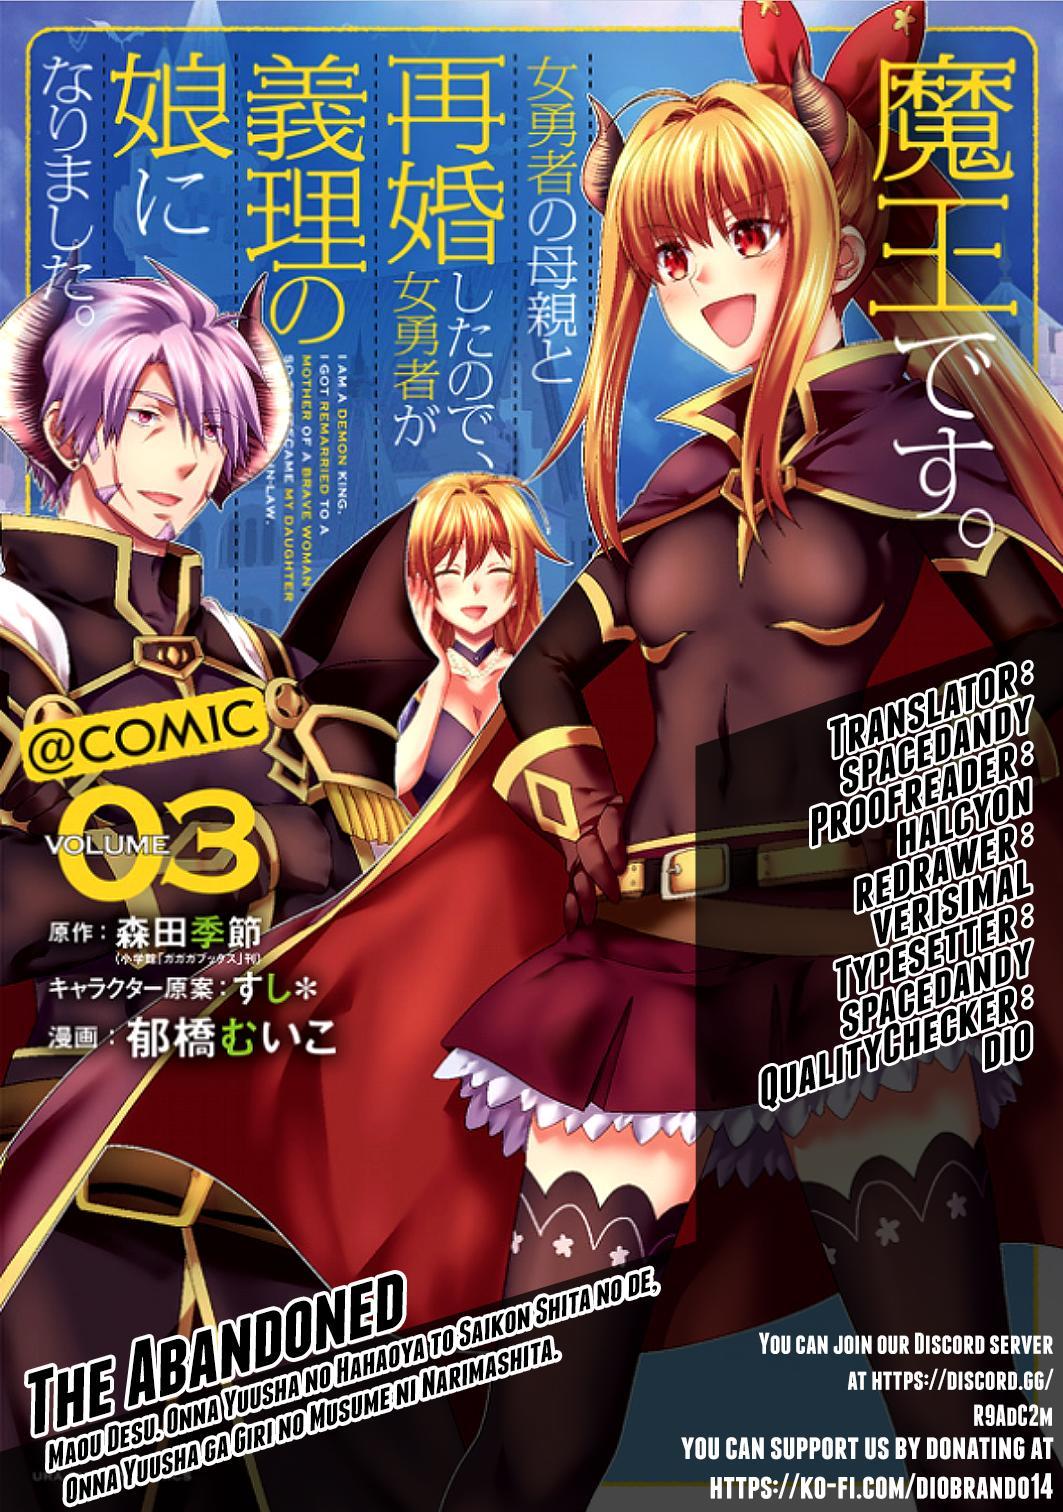 Maou Desu. Onna Yuusha No Hahaoya To Saikon Shita No De, Onna Yuusha Ga Giri No Musume Ni Narimashita. Chapter 36 page 1 - Mangakakalots.com